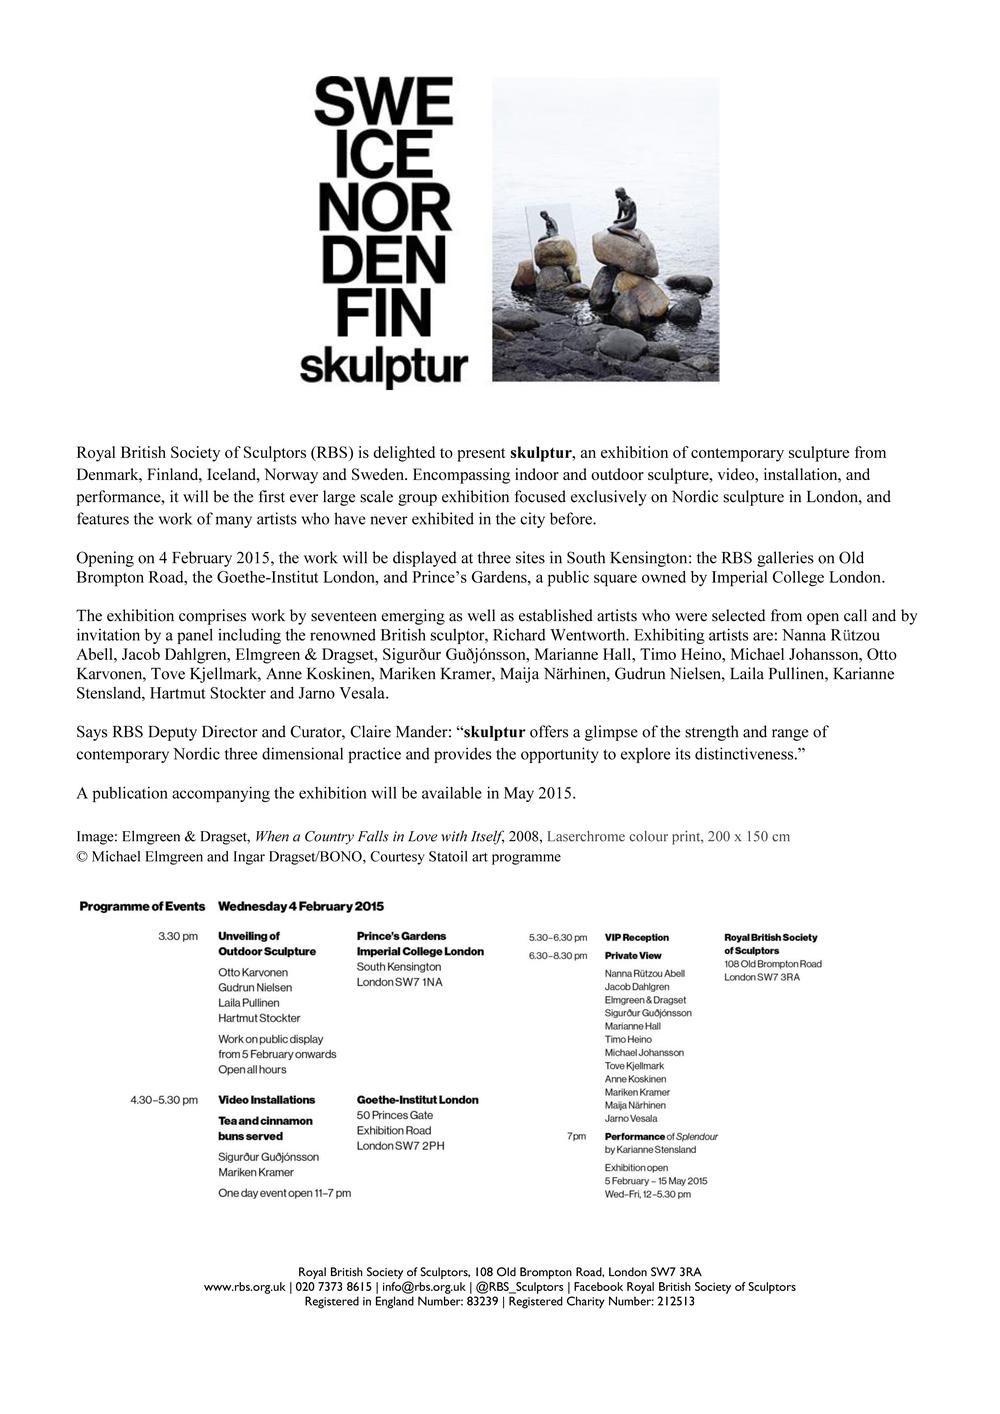 SKULPTUR-Press Release-1-1-1.jpg